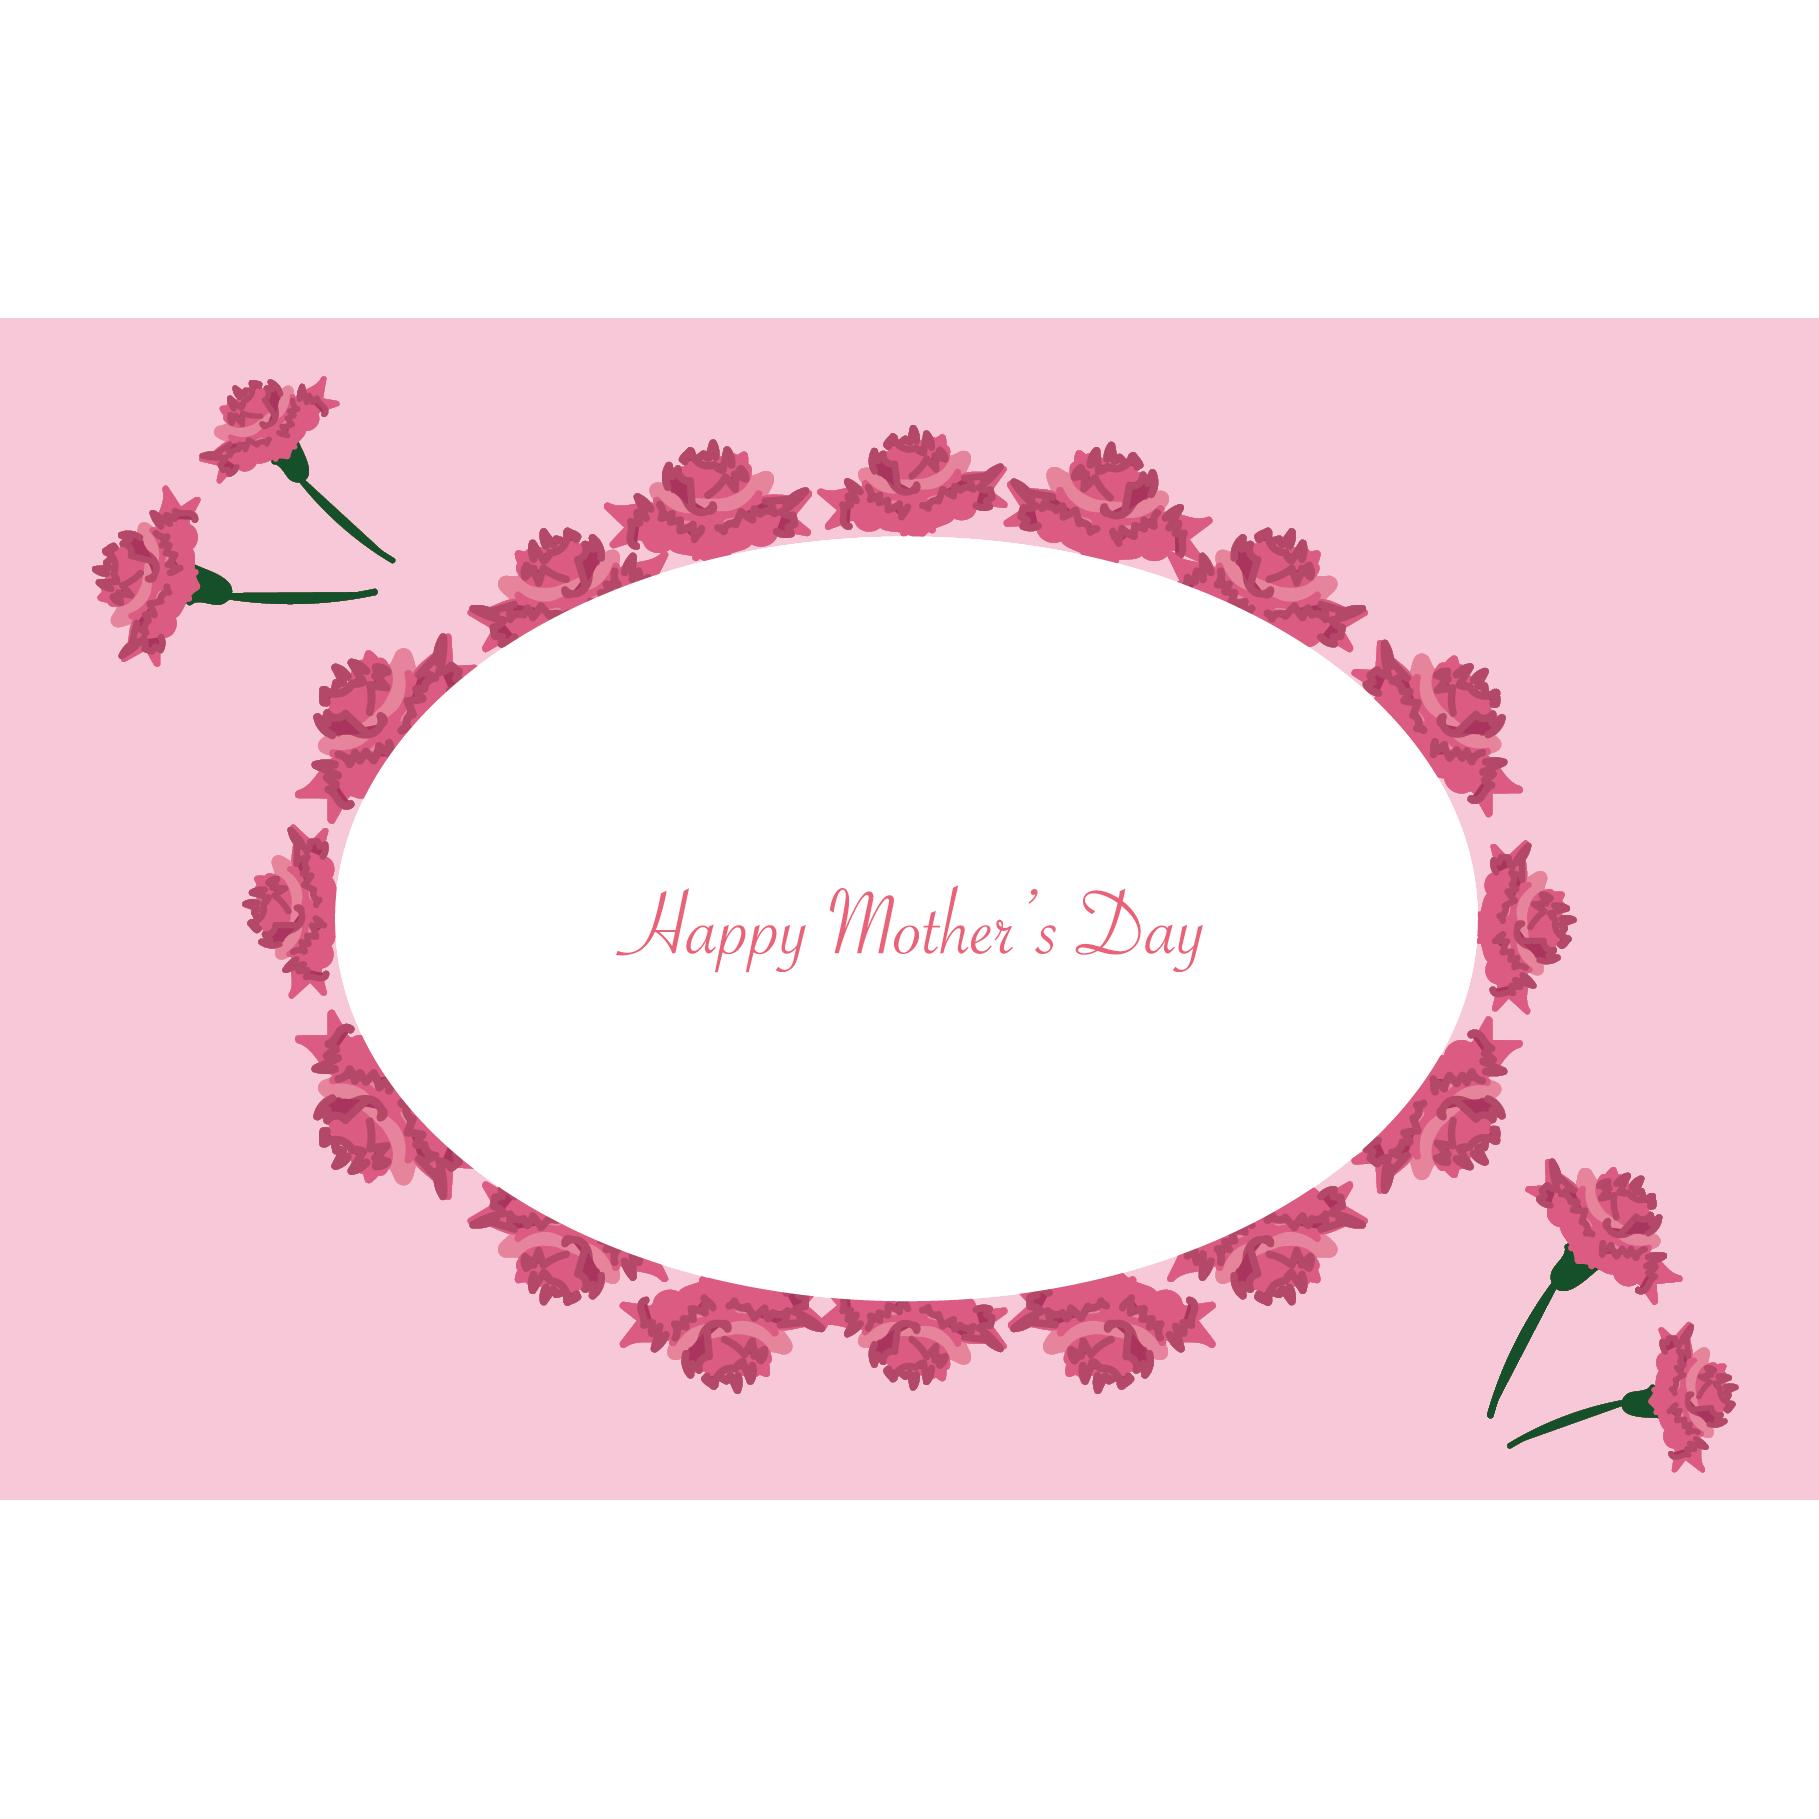 母の日のかわいいカーネーションのグリーティングカード【横】